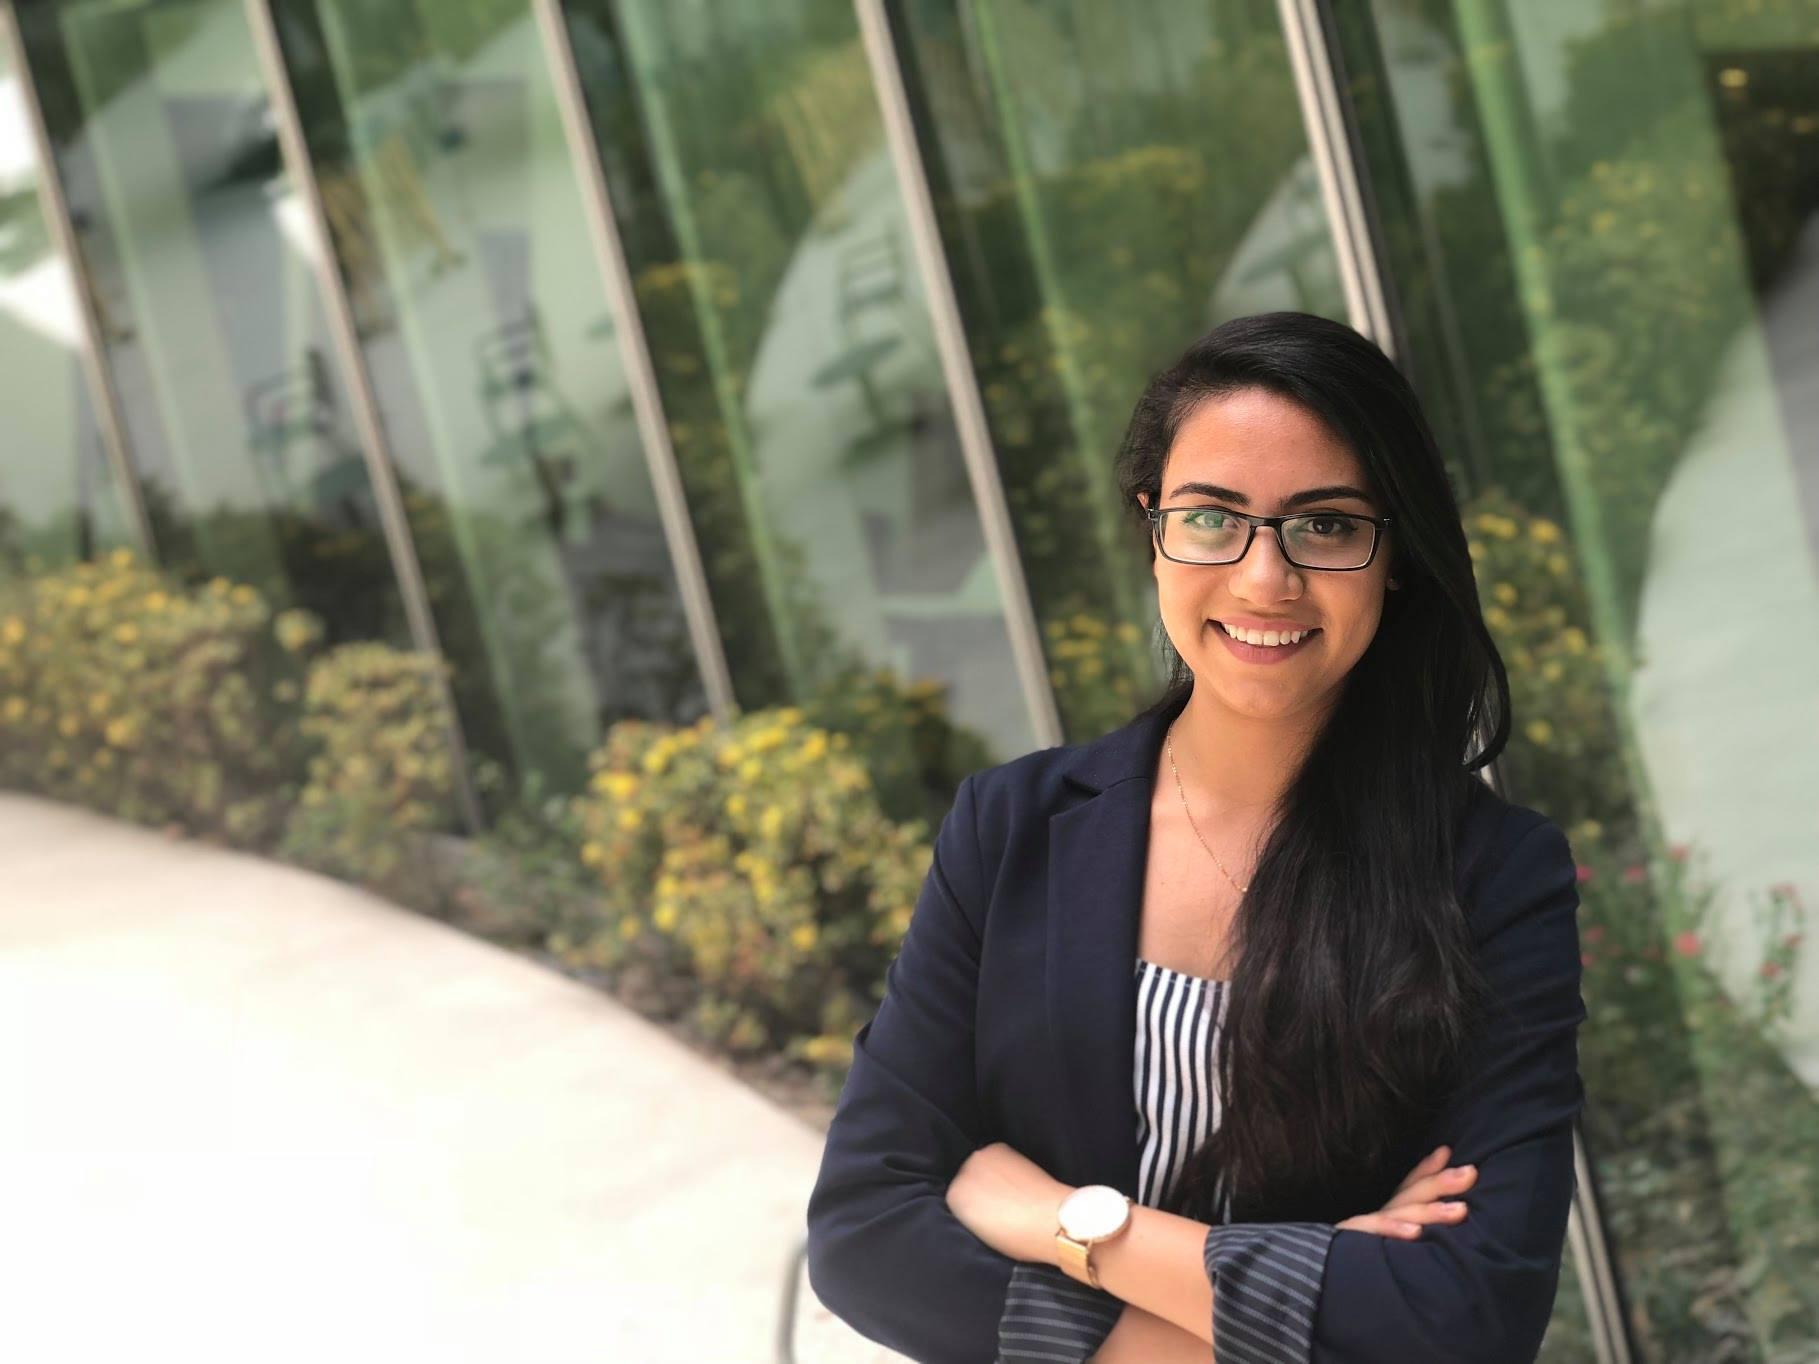 الطالبة المصرية آية البحيصي تفوز بصندوق التعليم العالمي(GET)